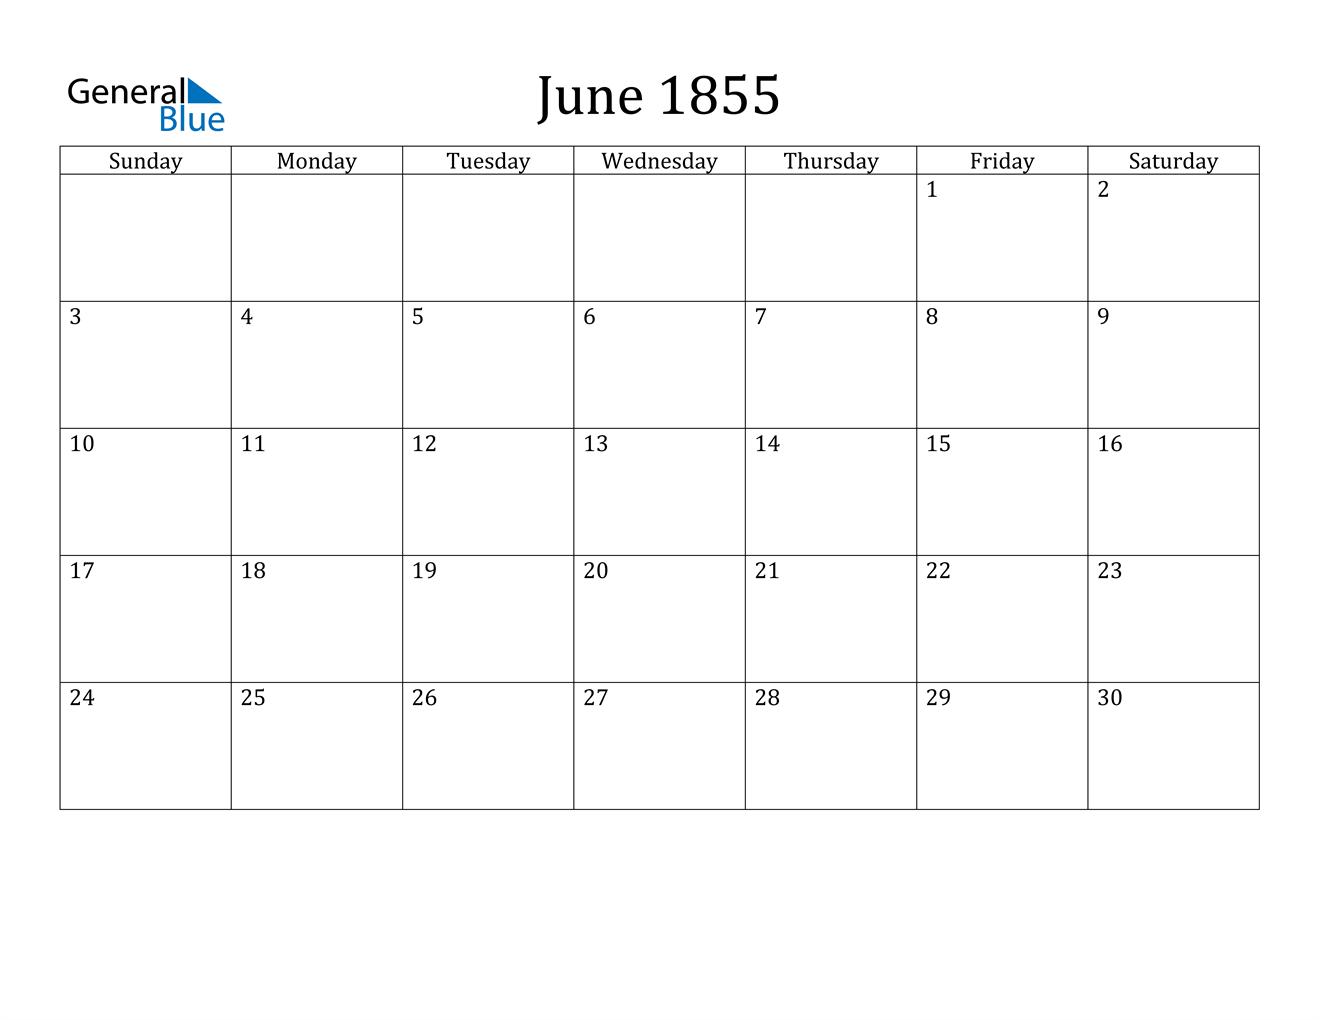 Image of June 1855 Calendar